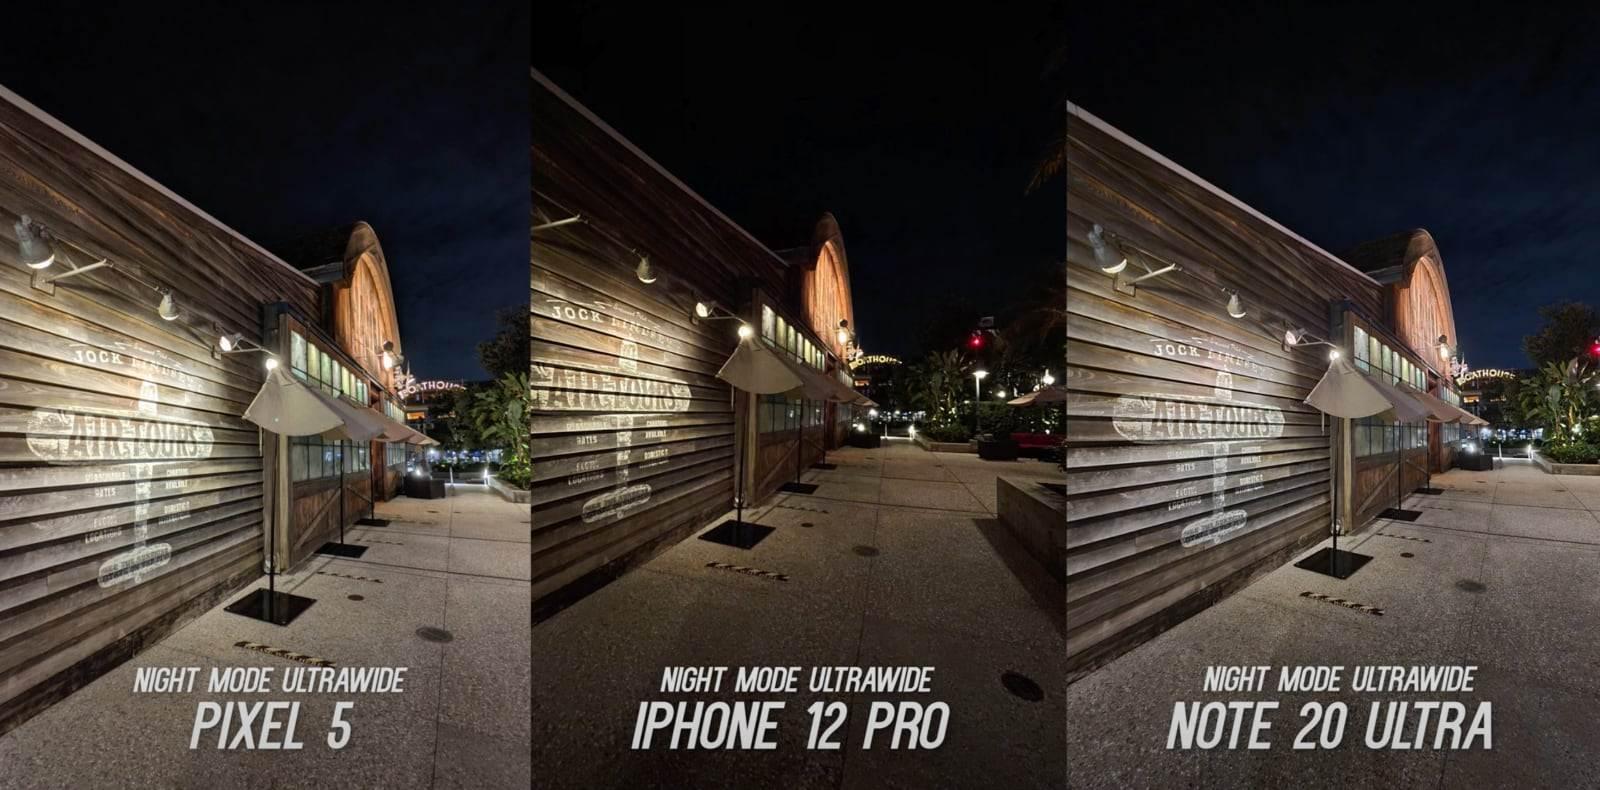 iPhone 12 Pro vs. Pixel 5 vs. Galaxy Note20 Ultra - porównanie zdjęć w trybie nocnym polecane, ciekawostki zdjecia w trybie nocnym, zdjęcia w trybie nocnym, zdjęcia w nocy, zdjęcia nocne, tryb nocny w iPhone 12 Pro, tryb nocny, porównanie zdjęc, jakie zdjęcia robi iPhone 12 Pro, iPhone 12 Pro, iPhone 12 i zdjęcia nocne, Apple  Porównań i testów iPhone 12 Pro ciąg dalszy. Dziś chcemy Wam przedstawić test aparatu najnowszego smartfona Apple, a dokładniej trybu nocnego. iphone12propixel5note20ultra4